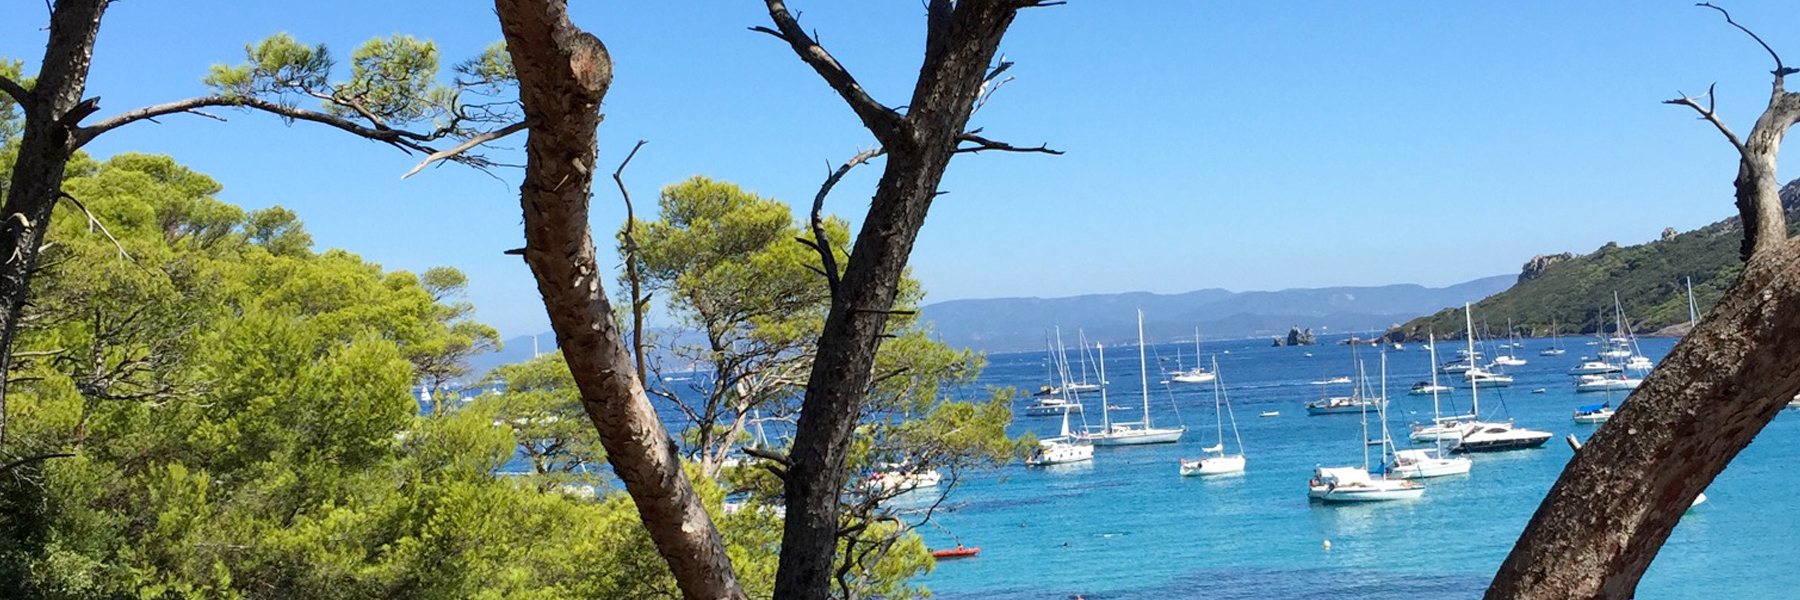 Azur et mer